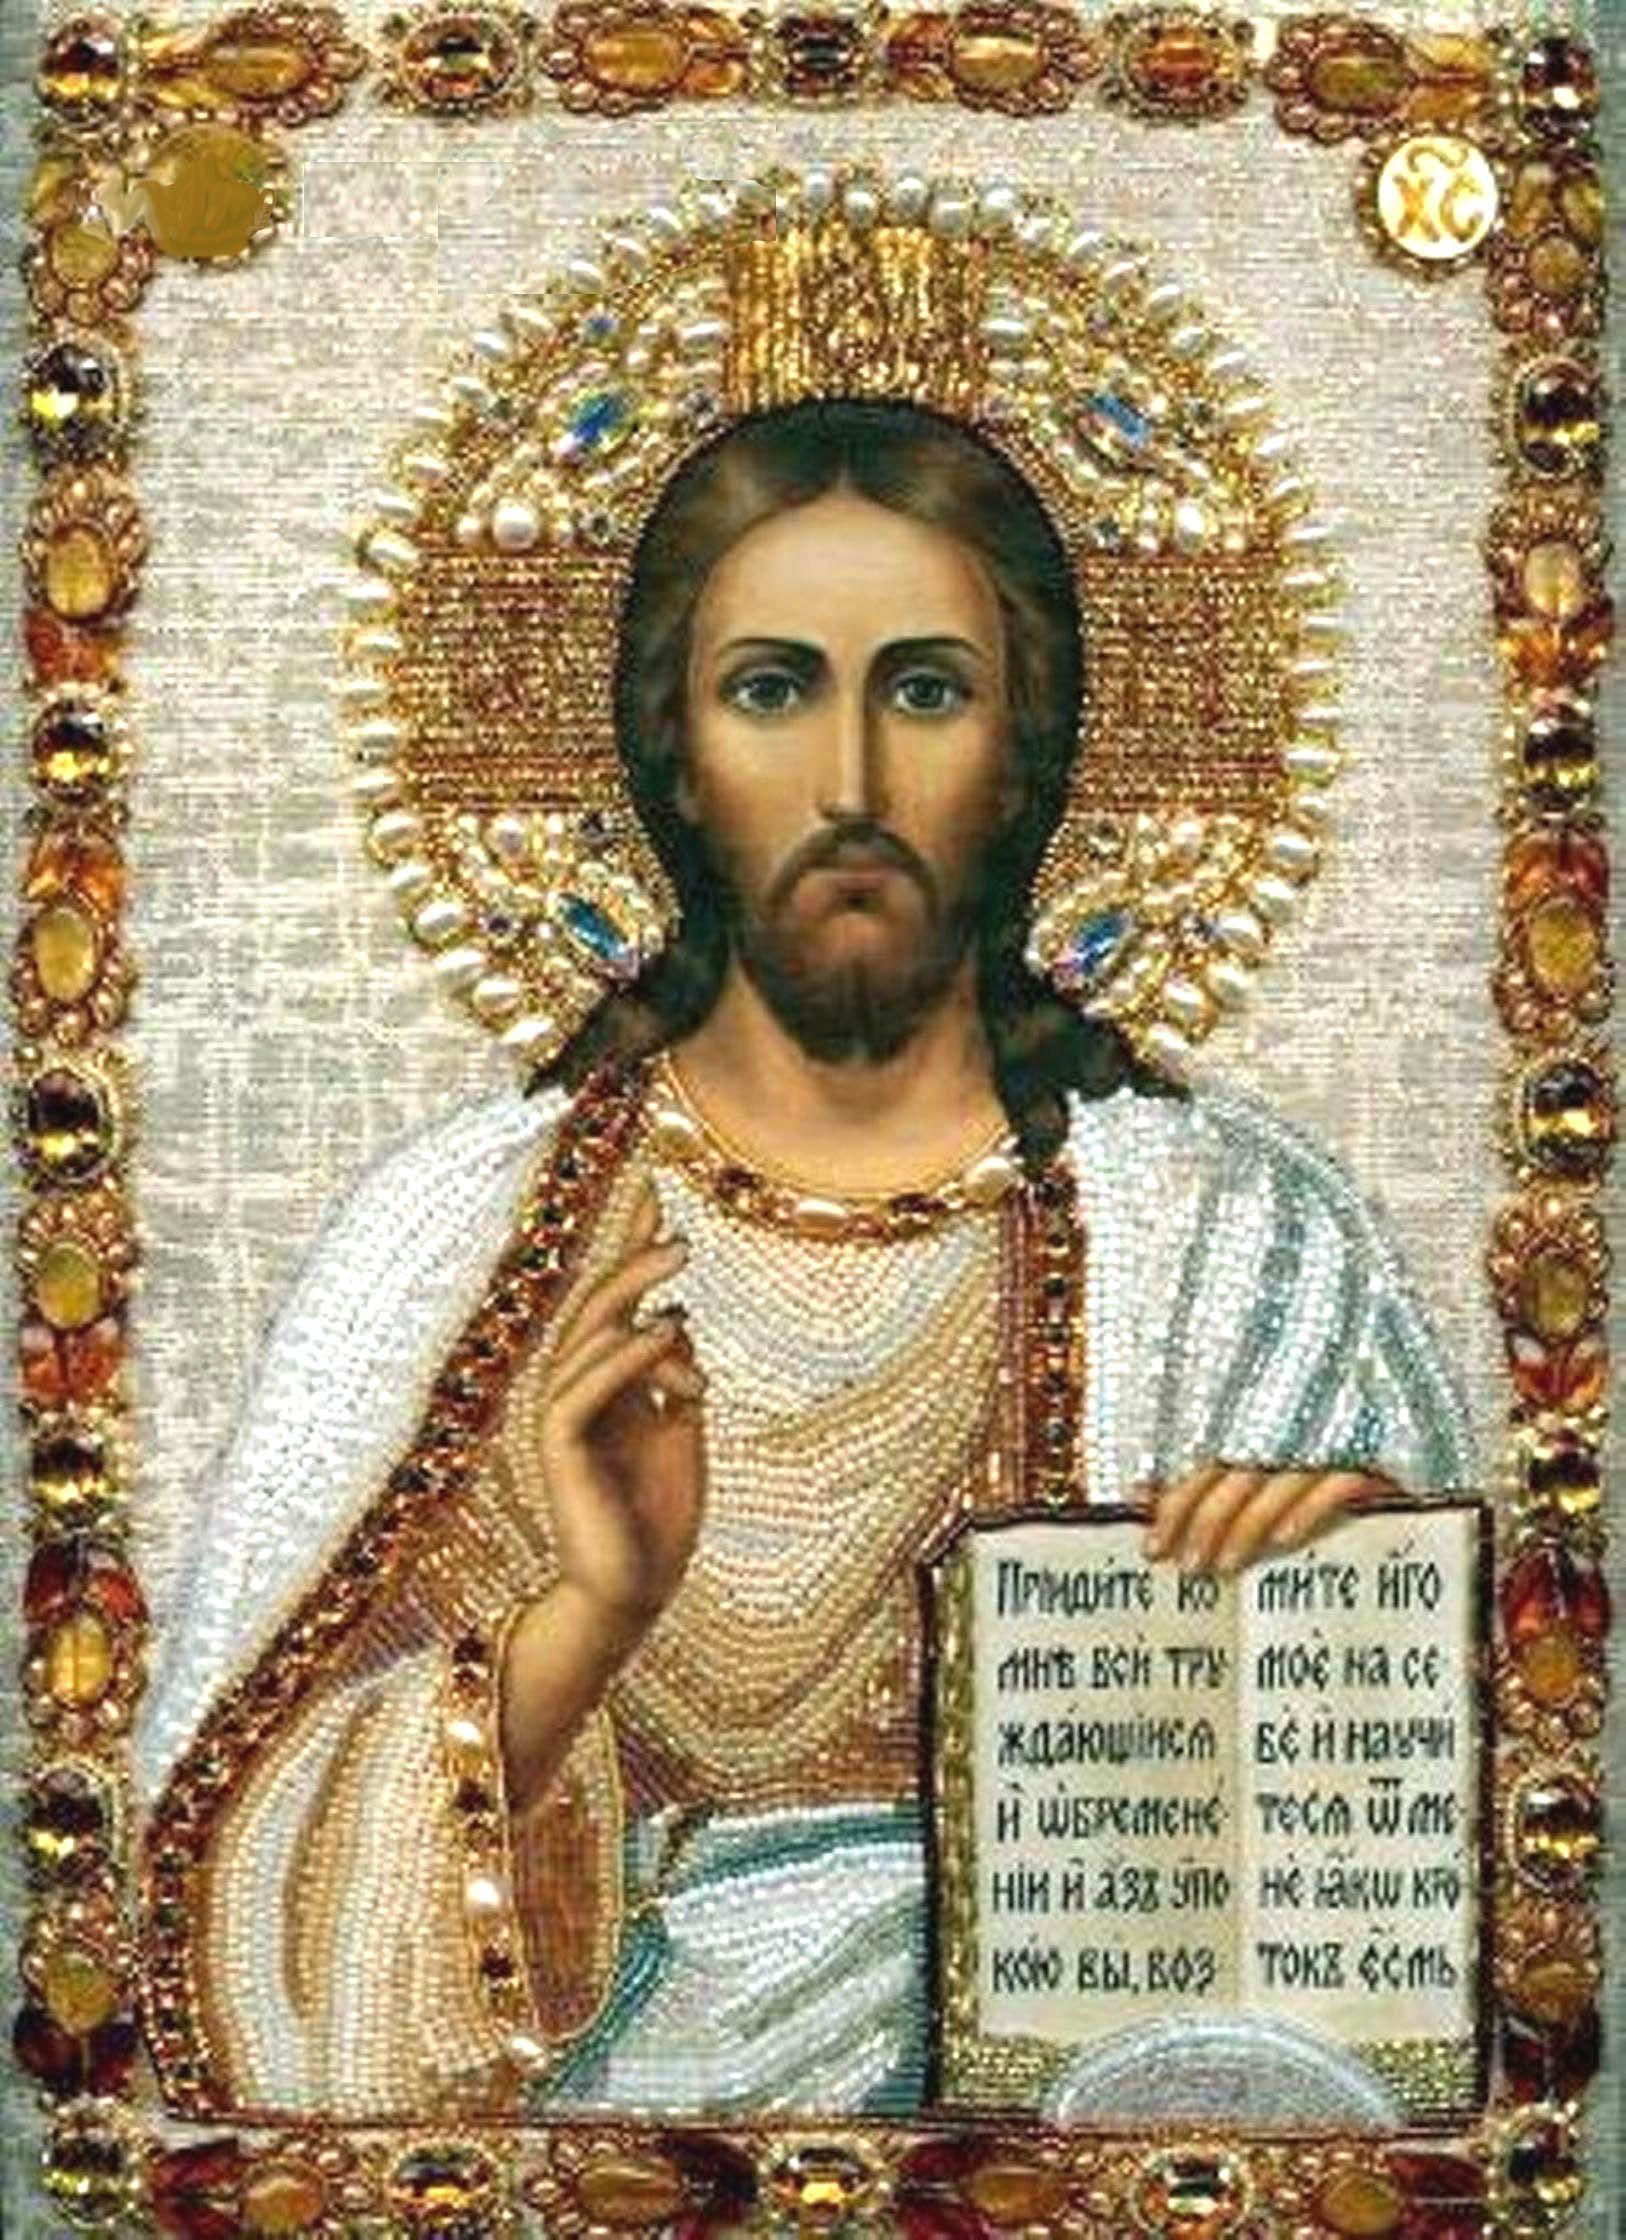 Вышитая камнями икона Спасителя, современное искусство